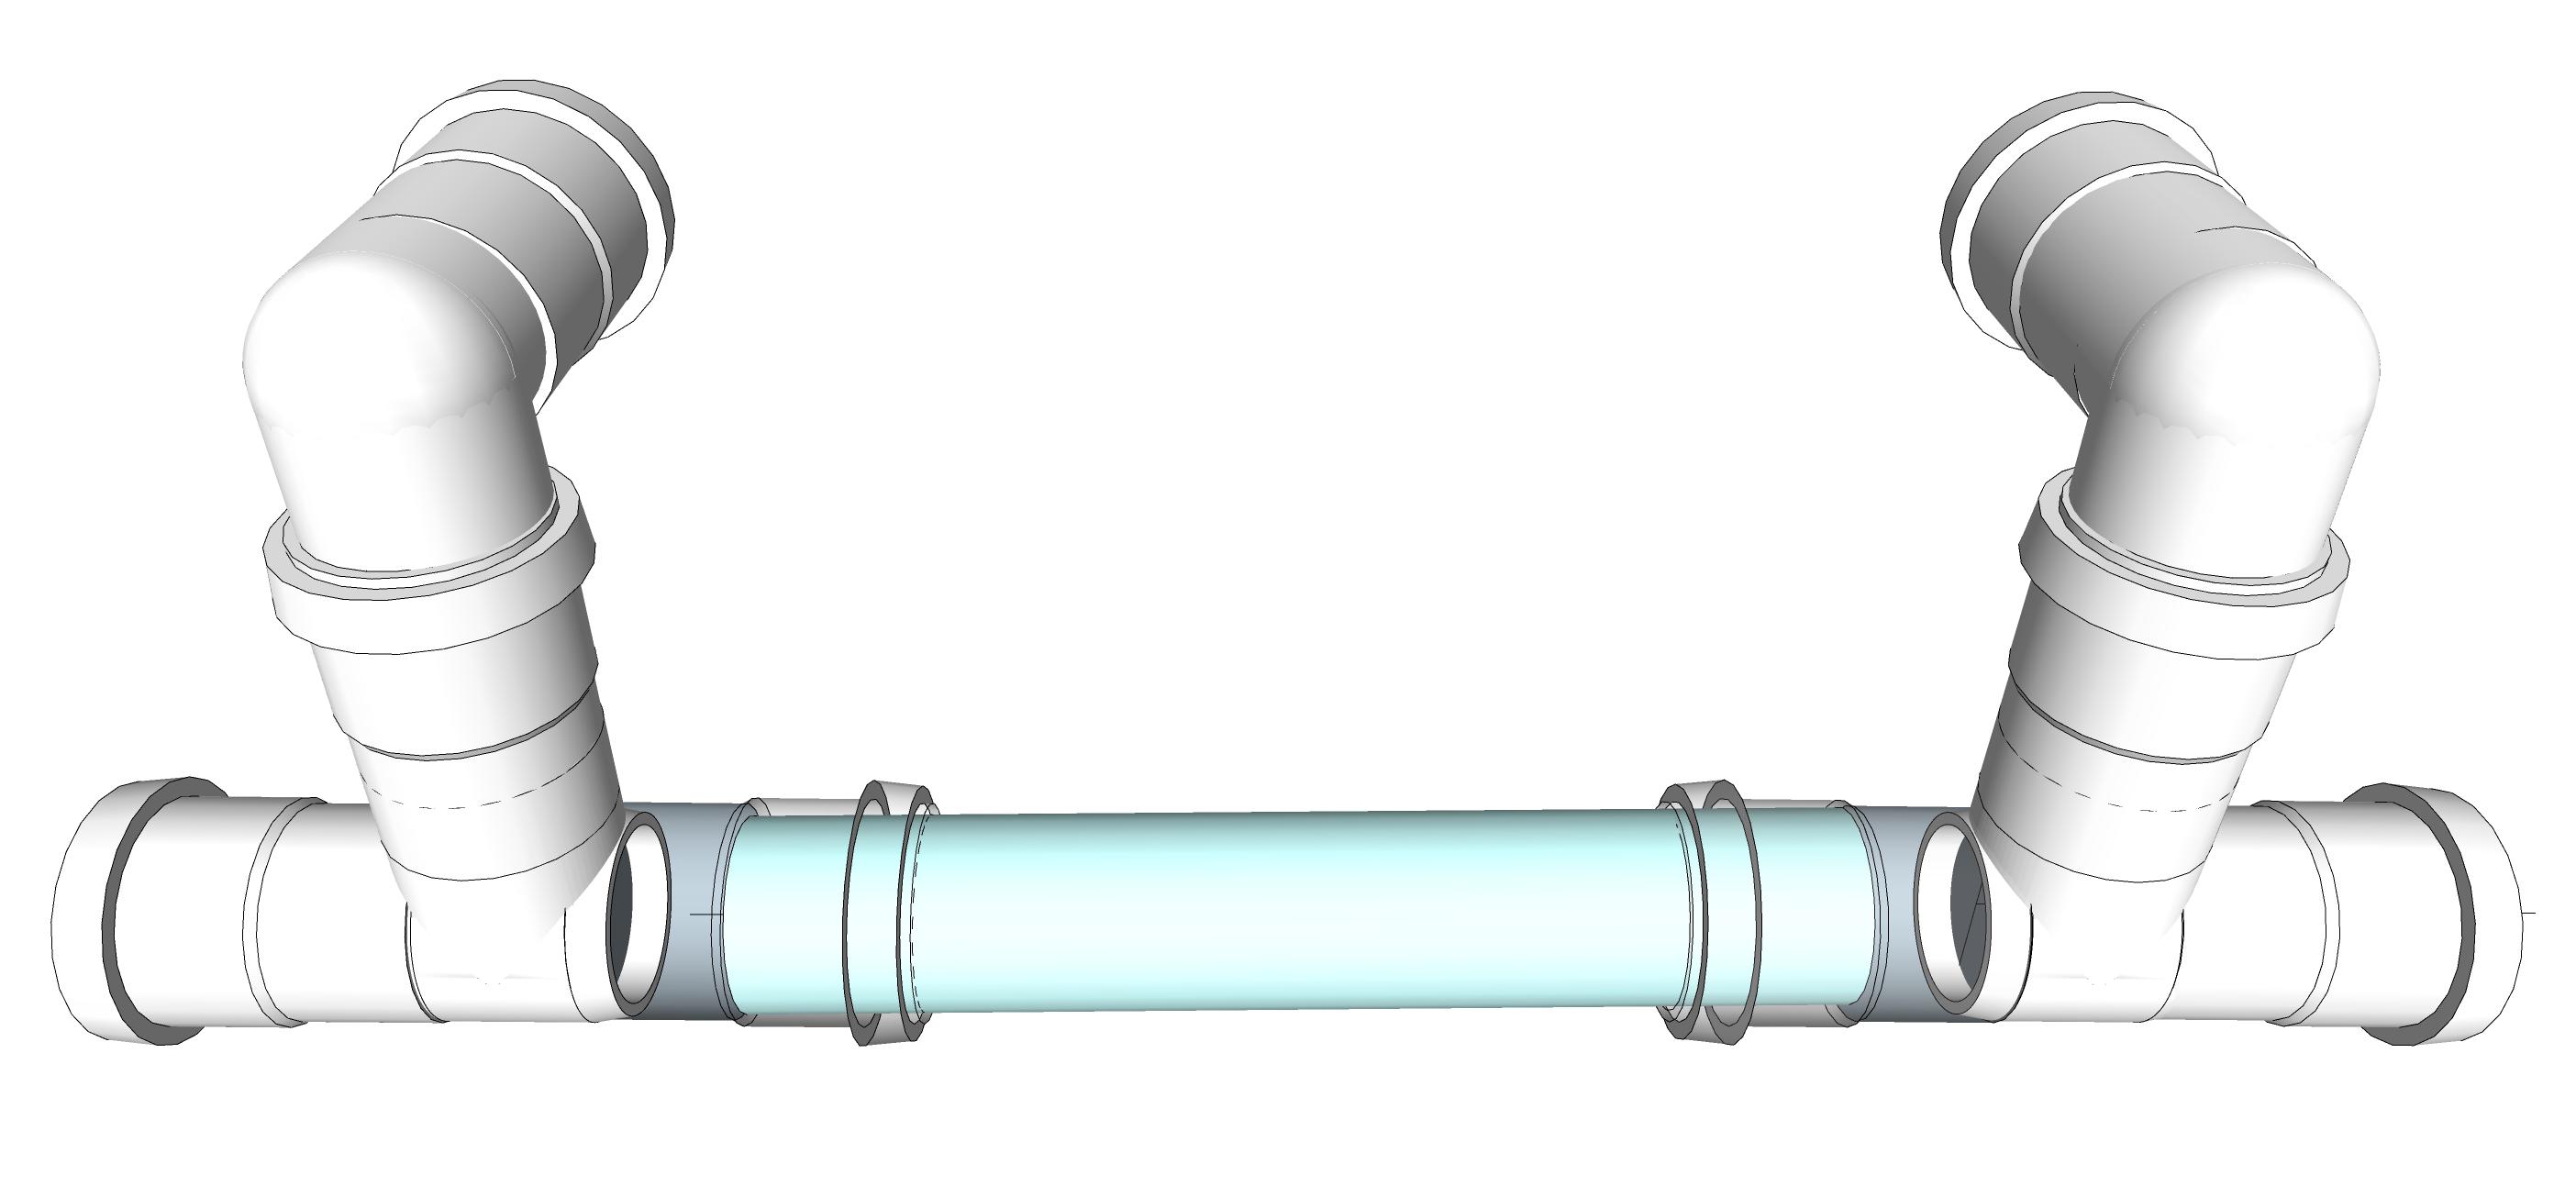 TAGLIARE TUBI IN PVC A MISURA SECONDO LA DISTANZA DELLE CANALINE. IMPORTANTE: CALCOLARE NELLA MISURA DEL TAGLIO LO SPAZION DI INSERIMENTO NEL BICCHIERE DEL RACCORDO 4,5 CM